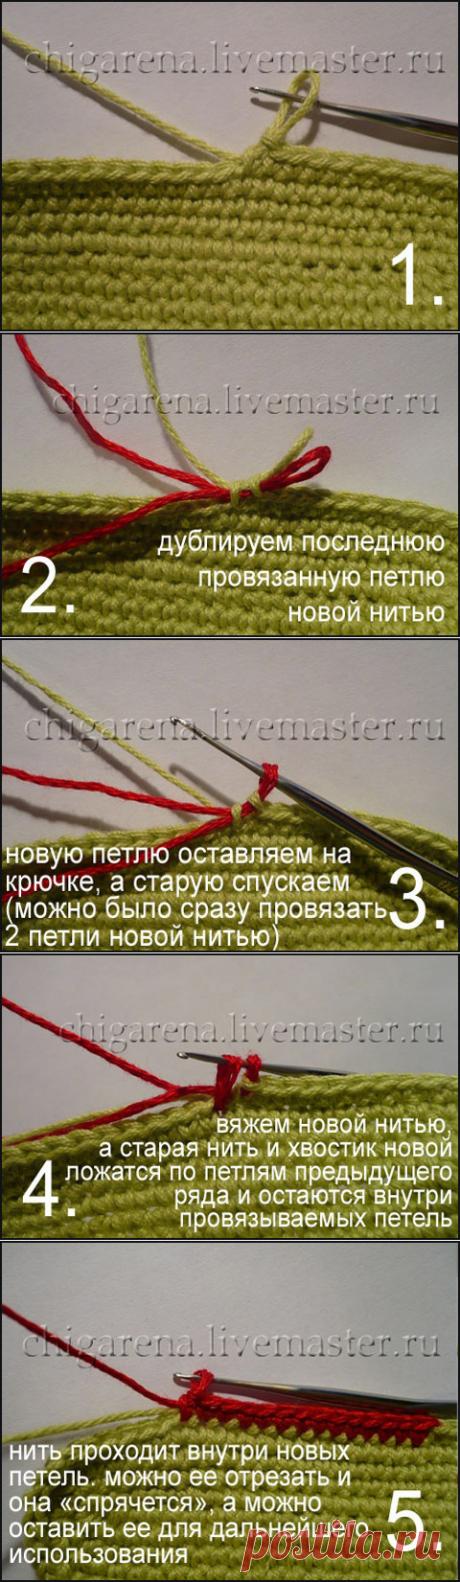 Вязание крючком без узлов - переход на новую нить (МК от Надежды Чигаревой (chigarena) с Ярмарки Мастеров)